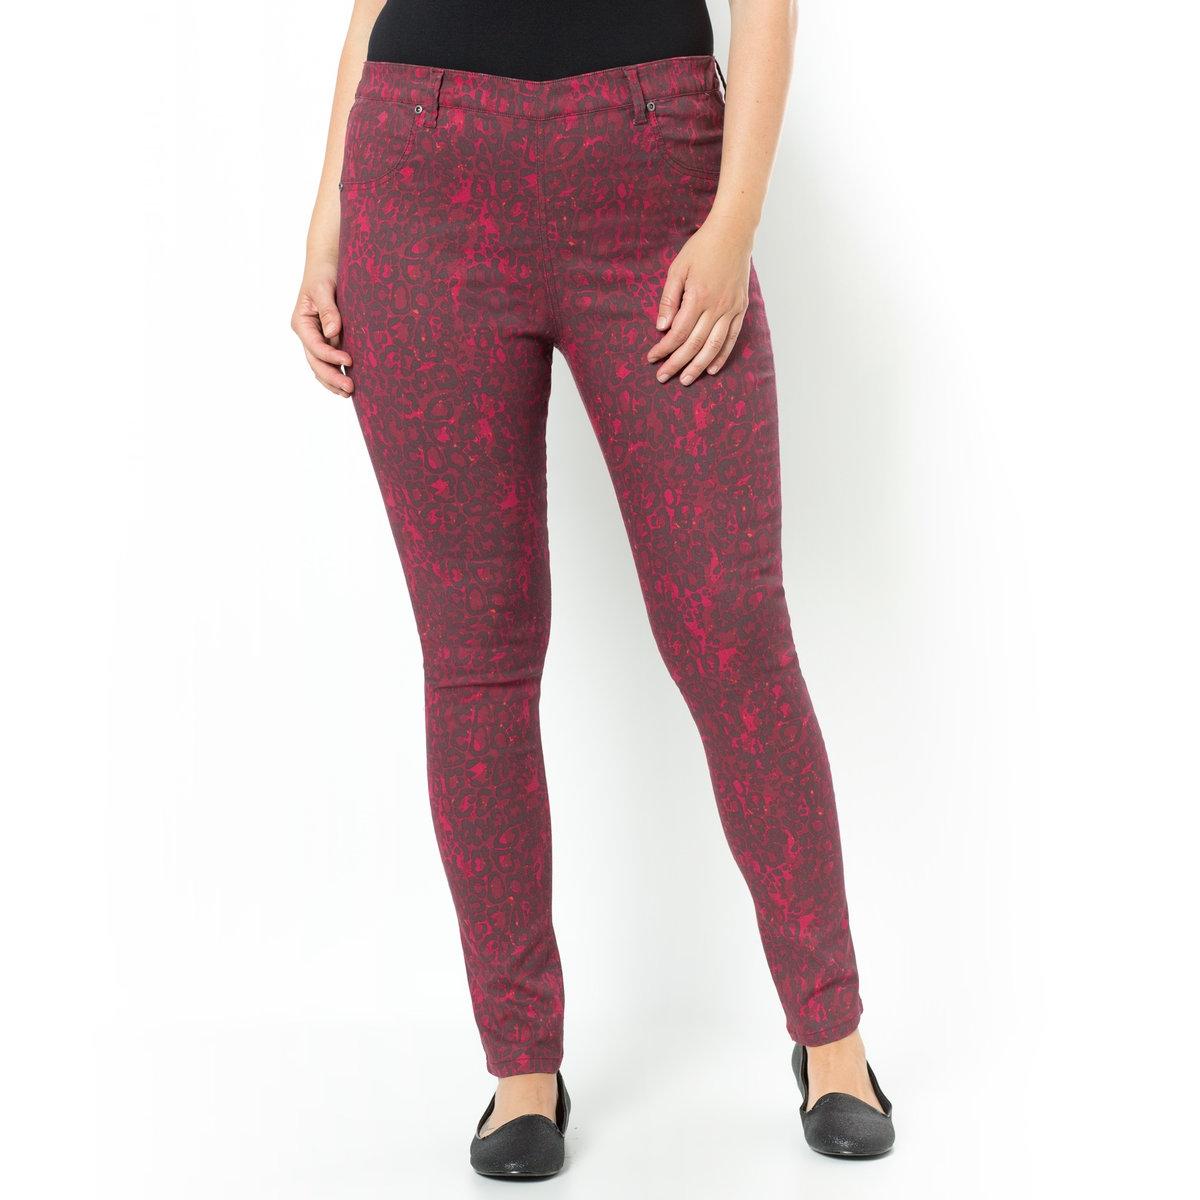 ДжеггинсыДжеггинсы. Незаменимая вещь в любом гардеробе ! Невероятно удобные в носке благодаря эластичному поясу. Ложные карманы спереди и накладные карманы сзади. Стрейчевый материал из 65% хлопка, 33% полиэстера, 2% эластана. Длина по внутр.шву 78 см, ширина по низу 14 см.<br><br>Цвет: леопард бордовый<br>Размер: 56 (FR) - 62 (RUS).58 (FR) - 64 (RUS).46 (FR) - 52 (RUS).50 (FR) - 56 (RUS).42 (FR) - 48 (RUS).44 (FR) - 50 (RUS)